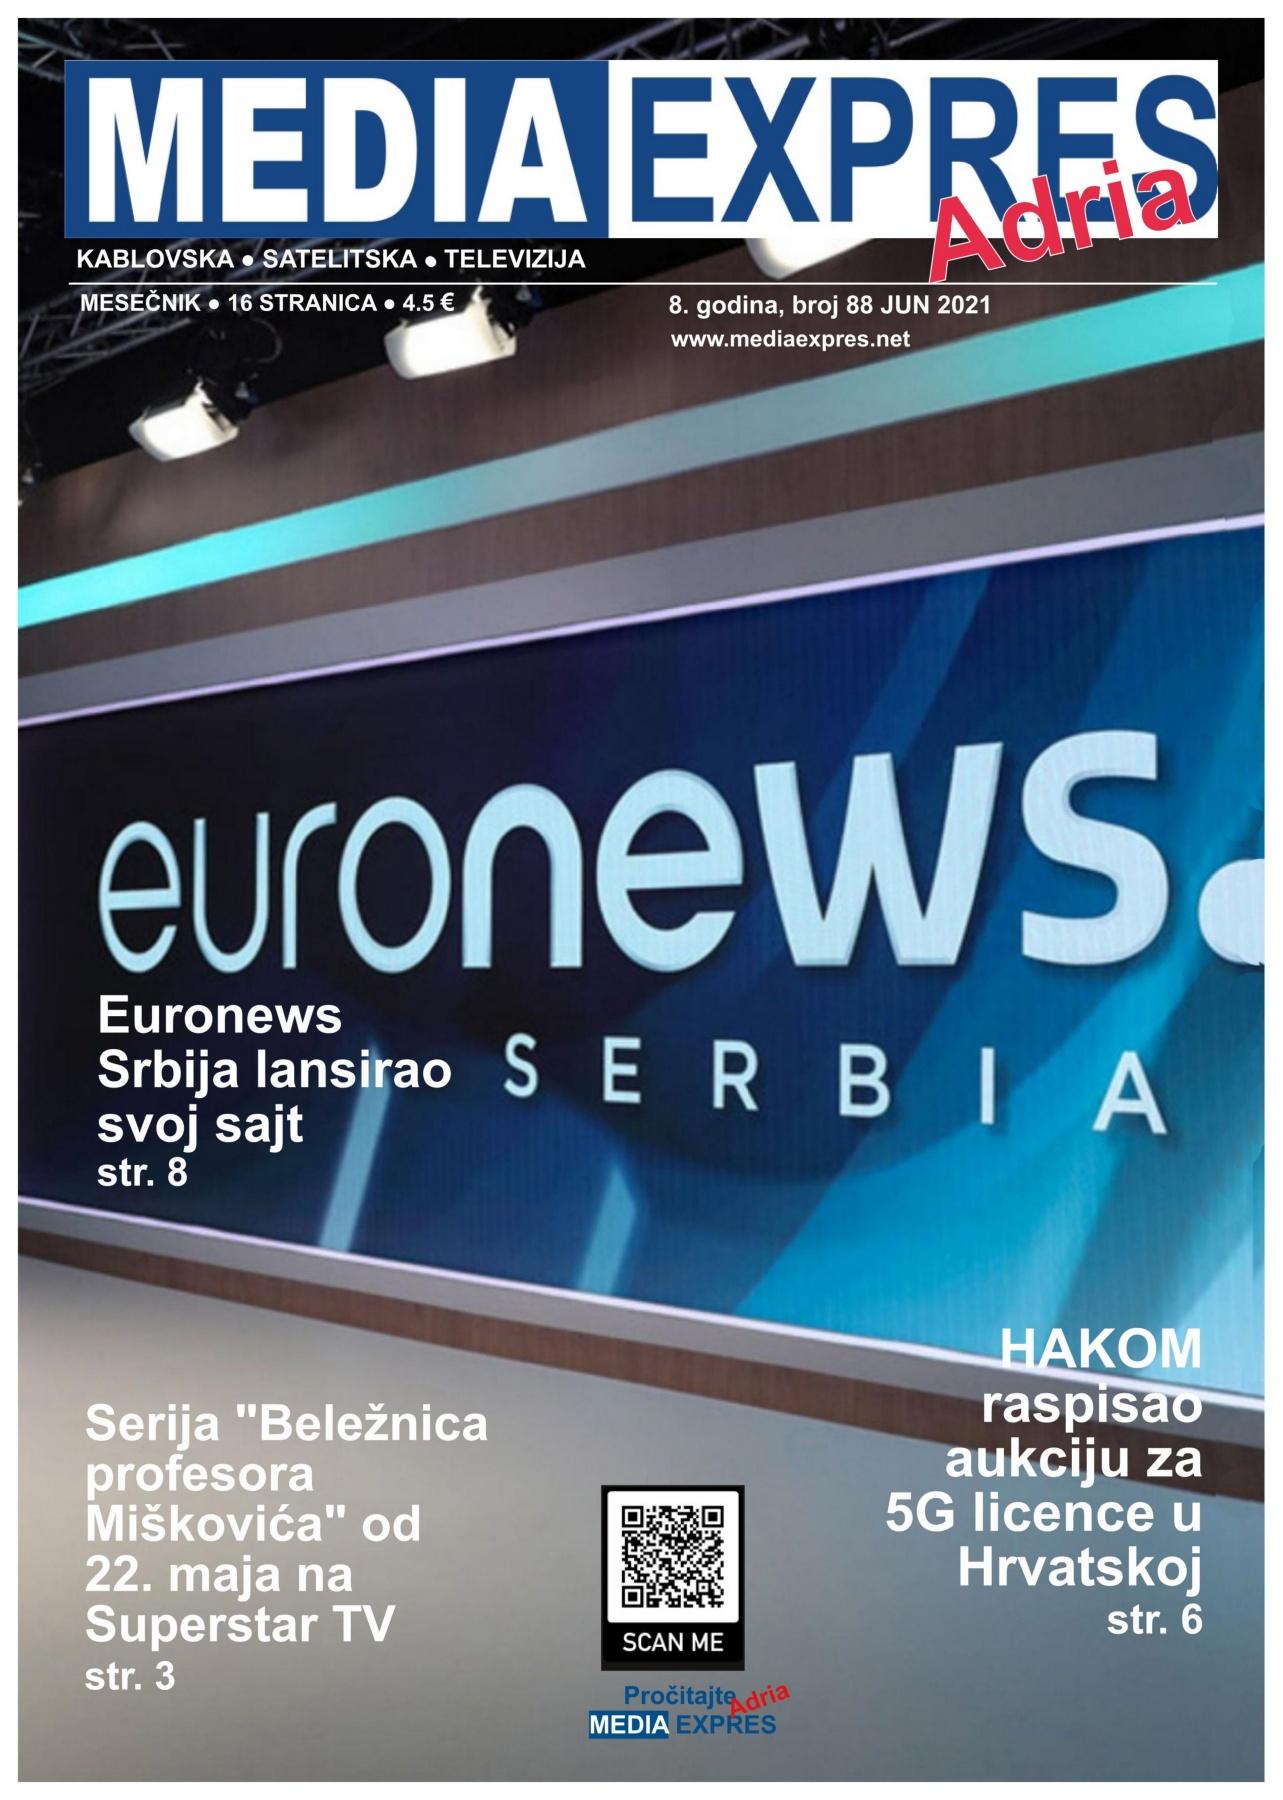 Media Expres Adria No 6 JUN 2021 1st Cover